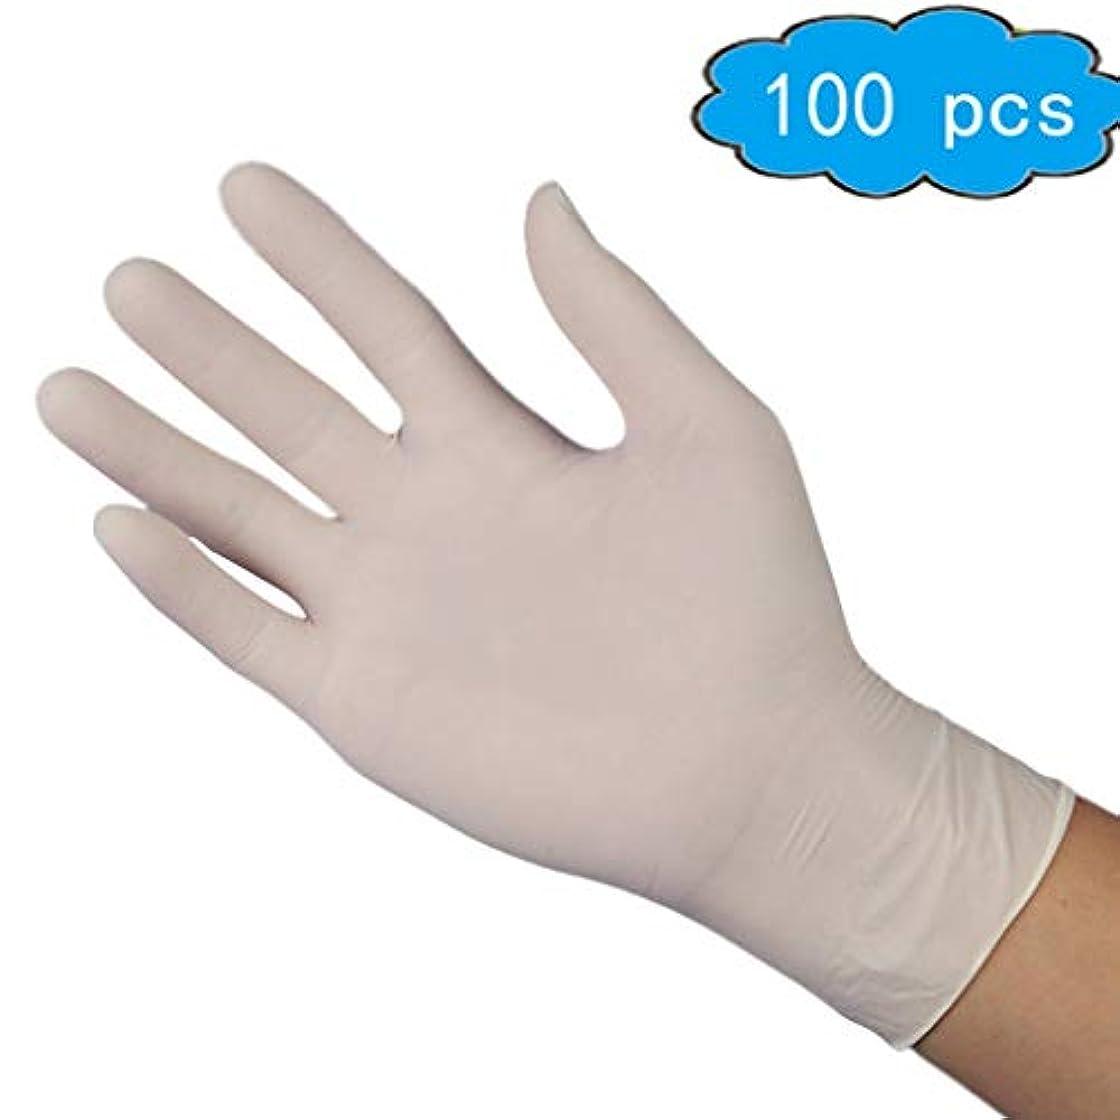 親愛なダーベビルのテス文化使い捨てラテックス手袋、多目的、ボックスあたりの医療用品&機器-100 (Color : White, Size : M)